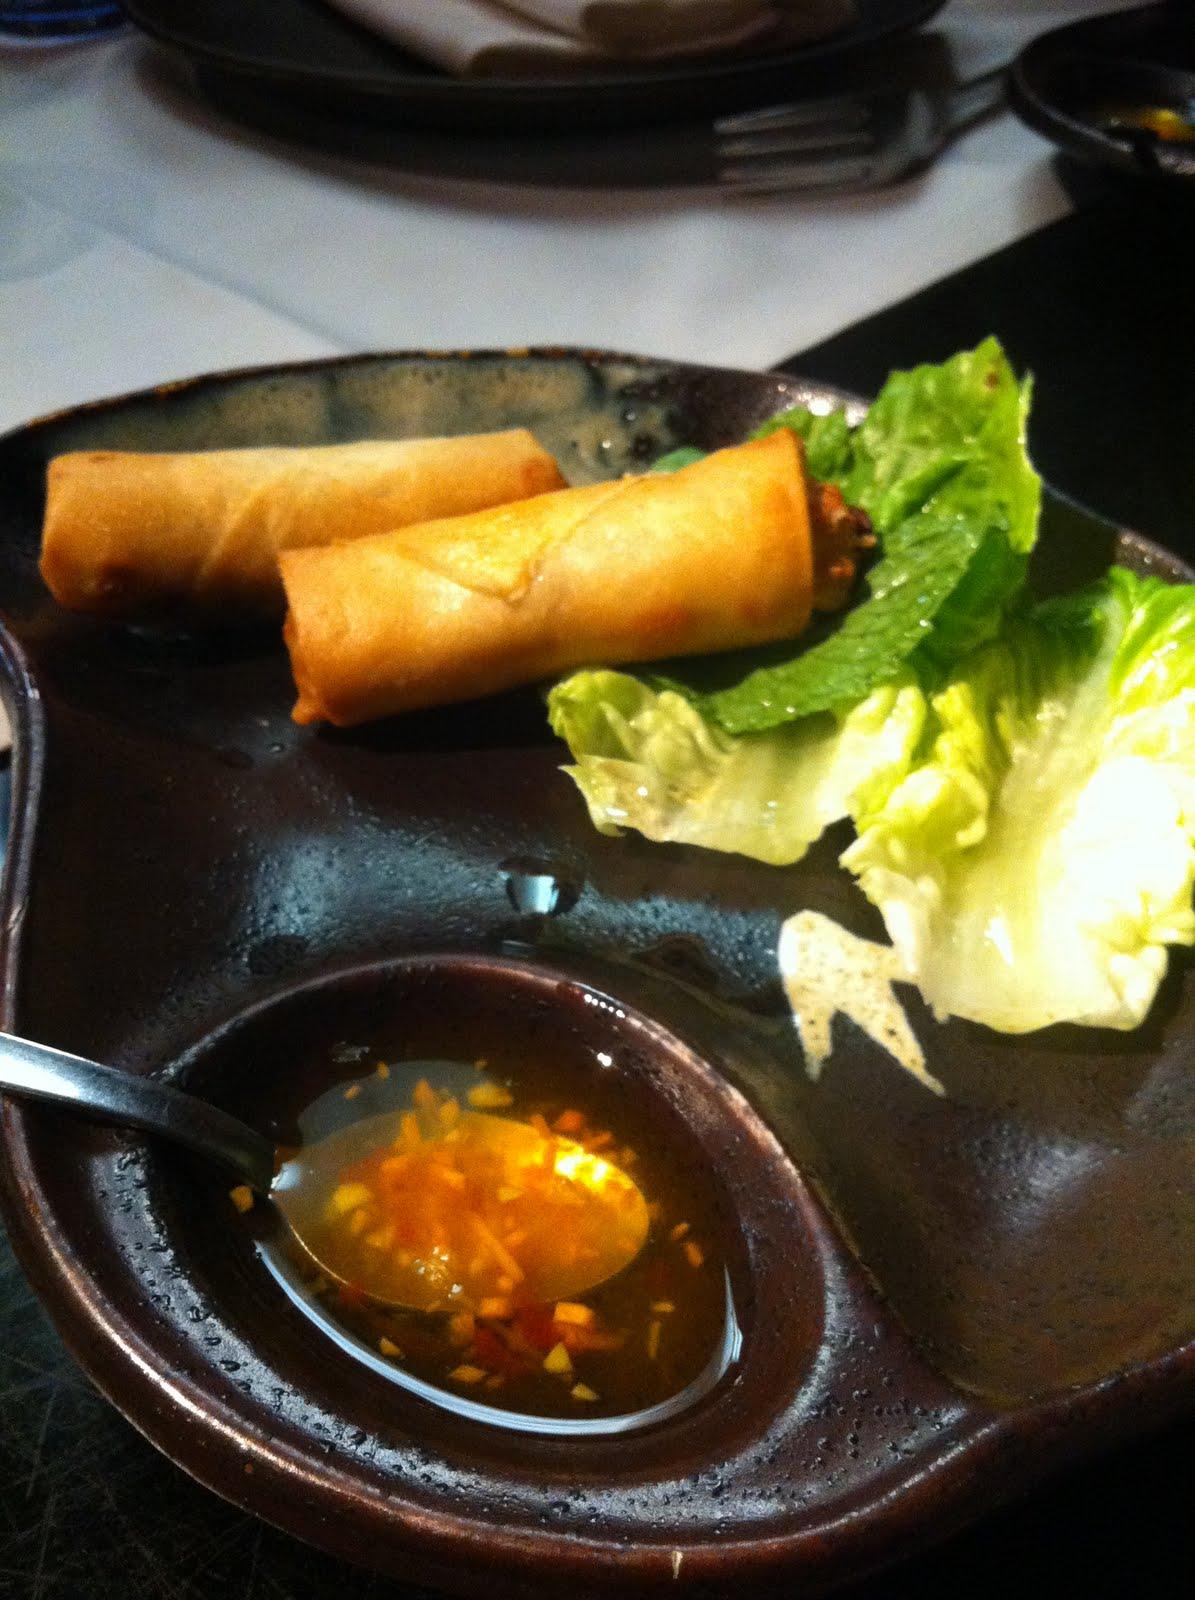 Fried vietnamienne rolls recette cuisine vietnamienne - Cours de cuisine vietnamienne ...